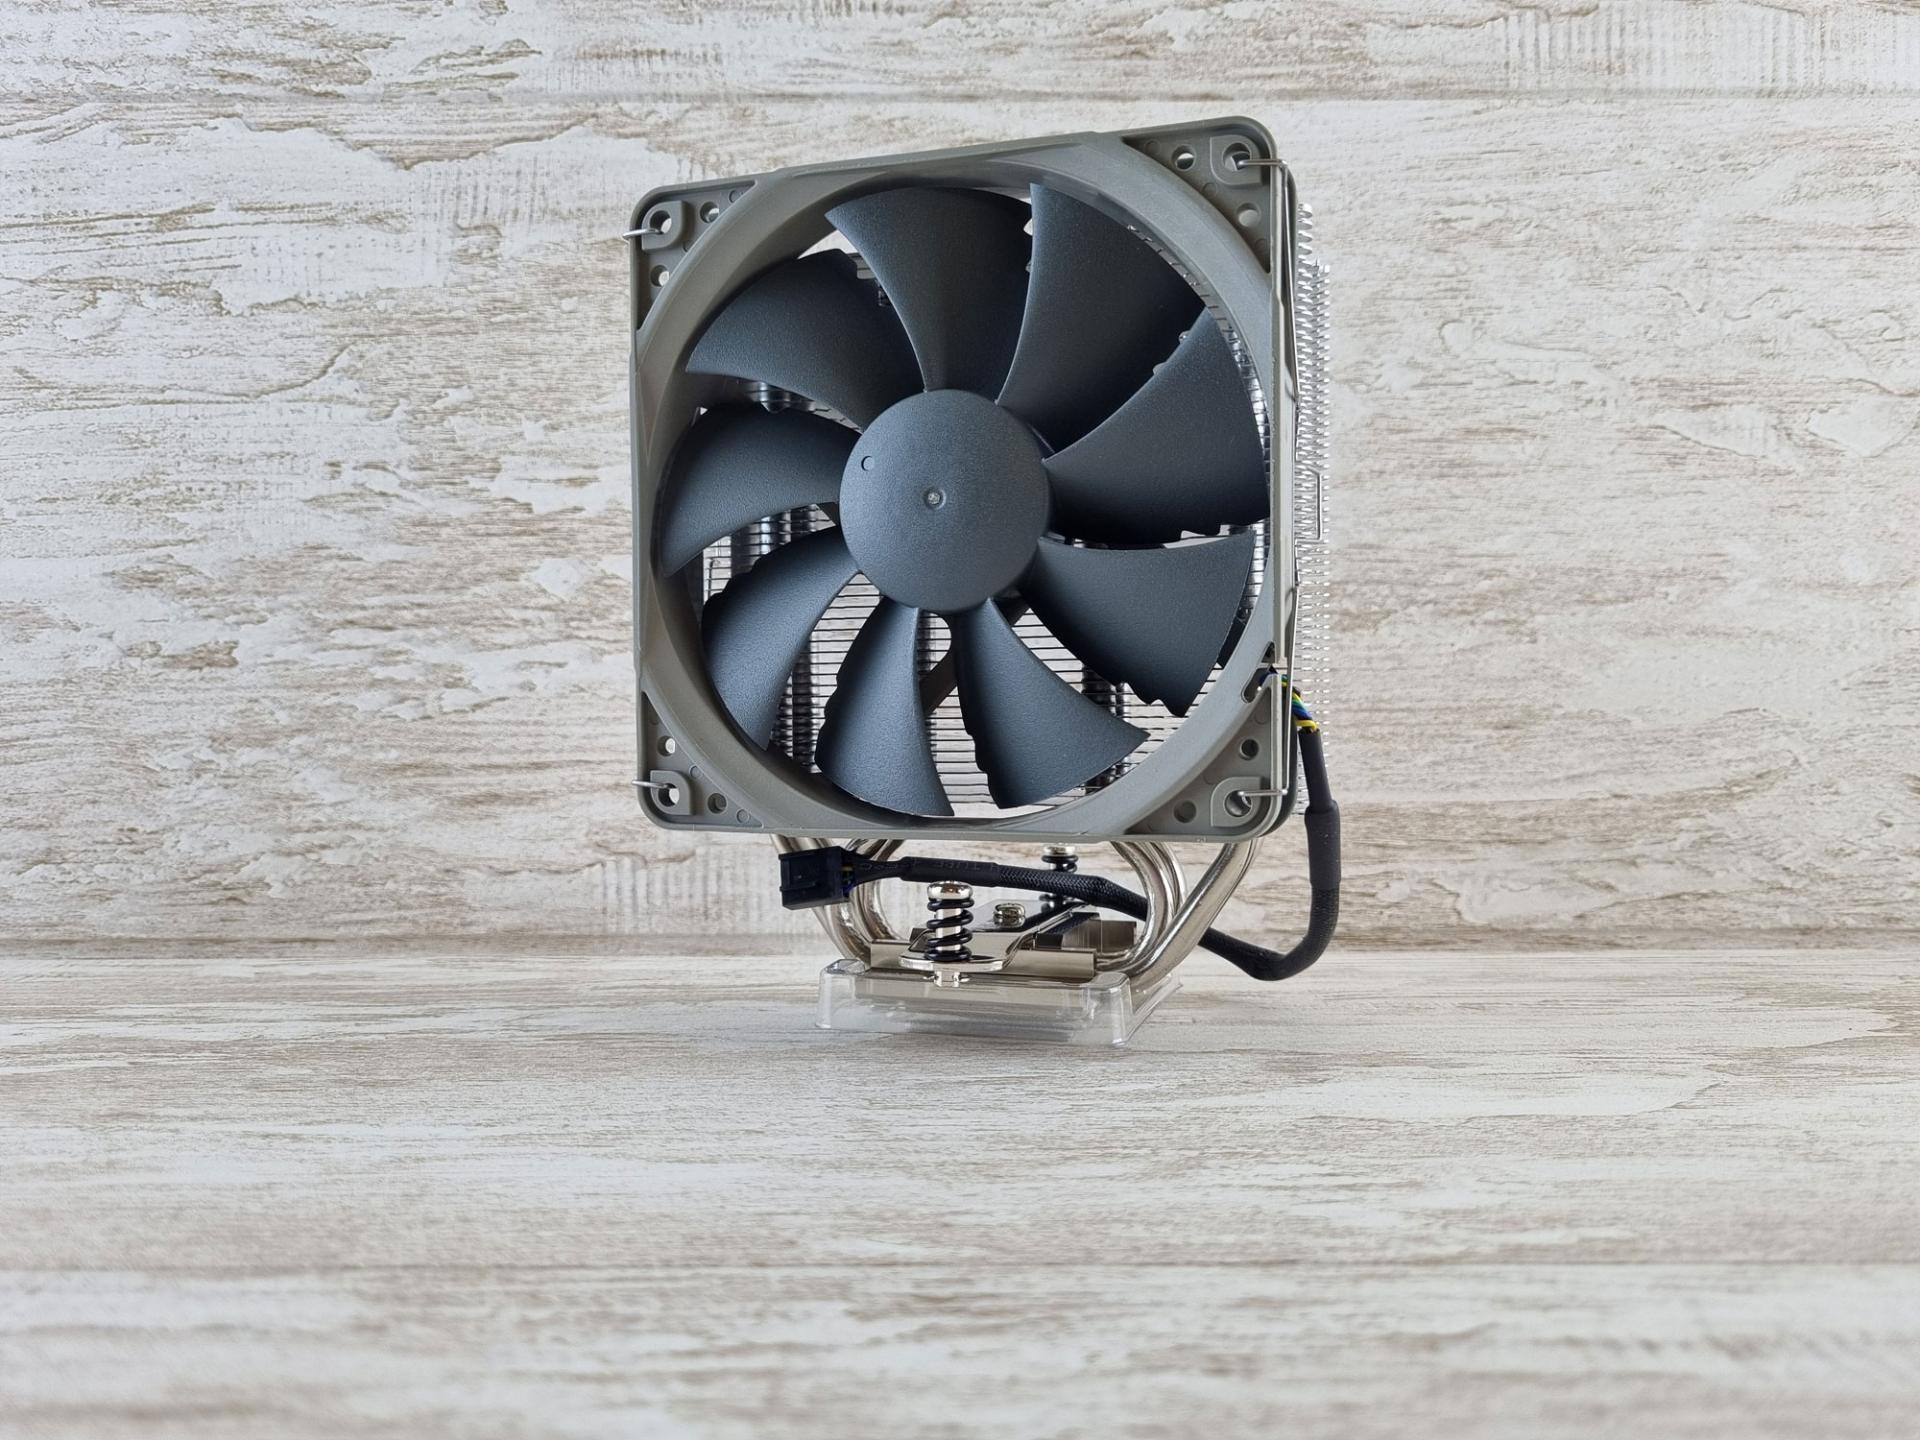 Тест-драйв кулера Noctua NH-U12S Redux напримере Intel Core i5-11400